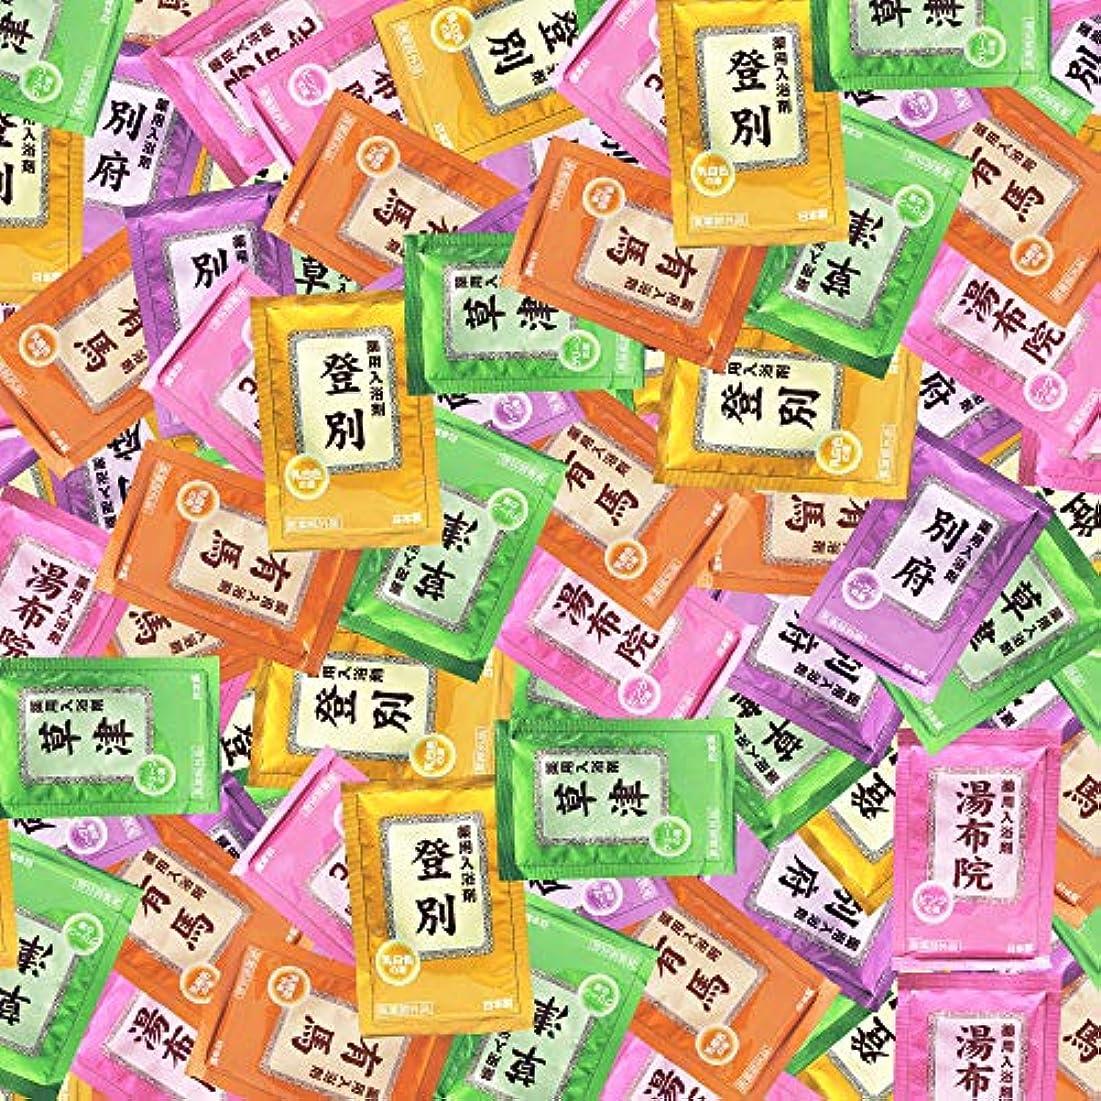 飲食店スムーズに無駄な入浴剤 ギフト プレゼント 湯宿めぐり 5種類 (200袋)セット